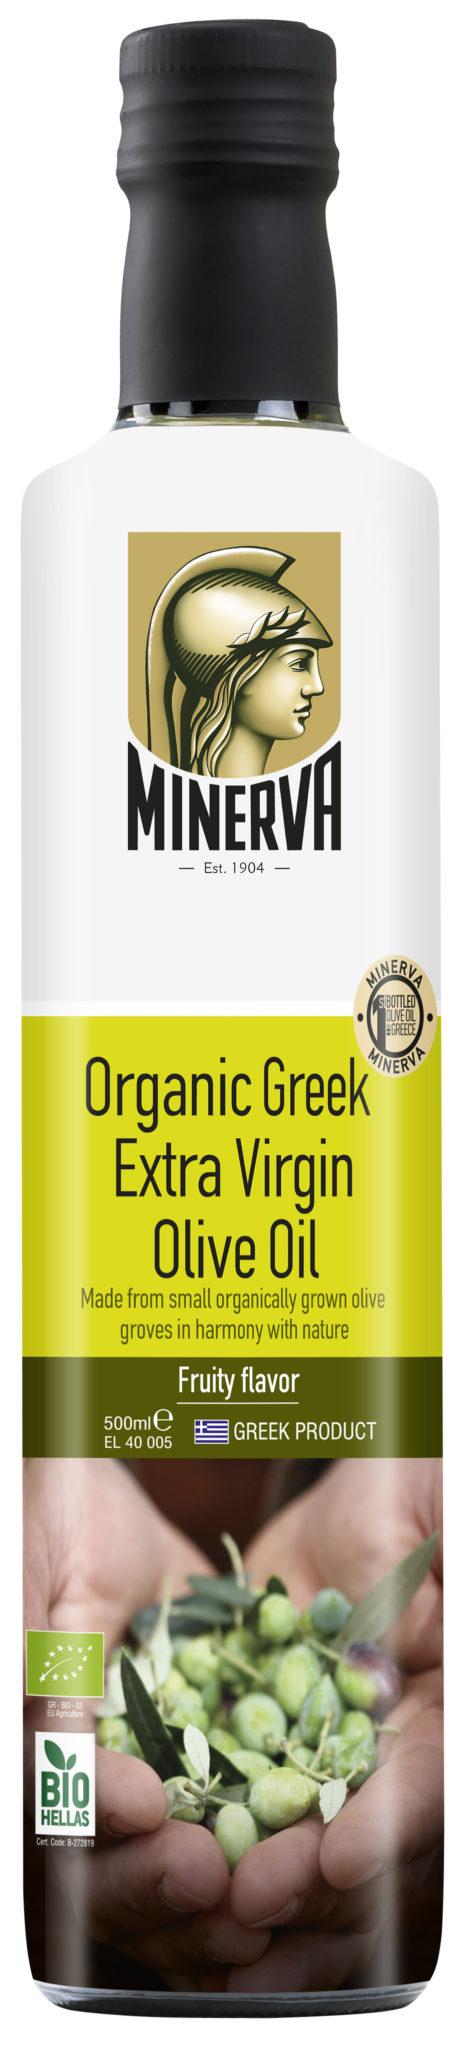 Minerva Organický extra panenský olivový olej